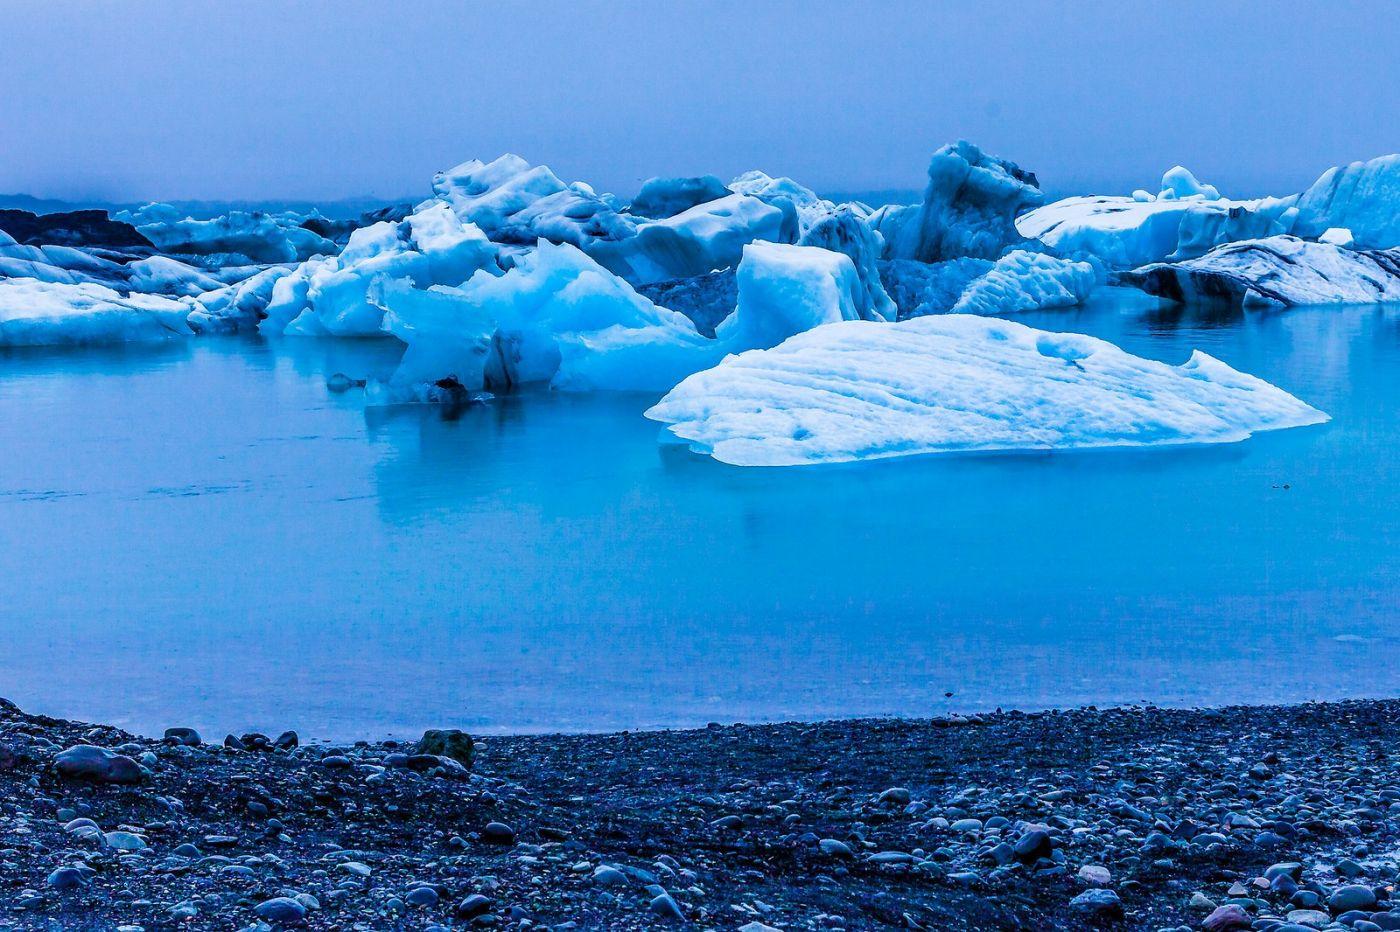 冰岛冰川泻湖(Glacier Lagoon),自然雕塑_图1-5